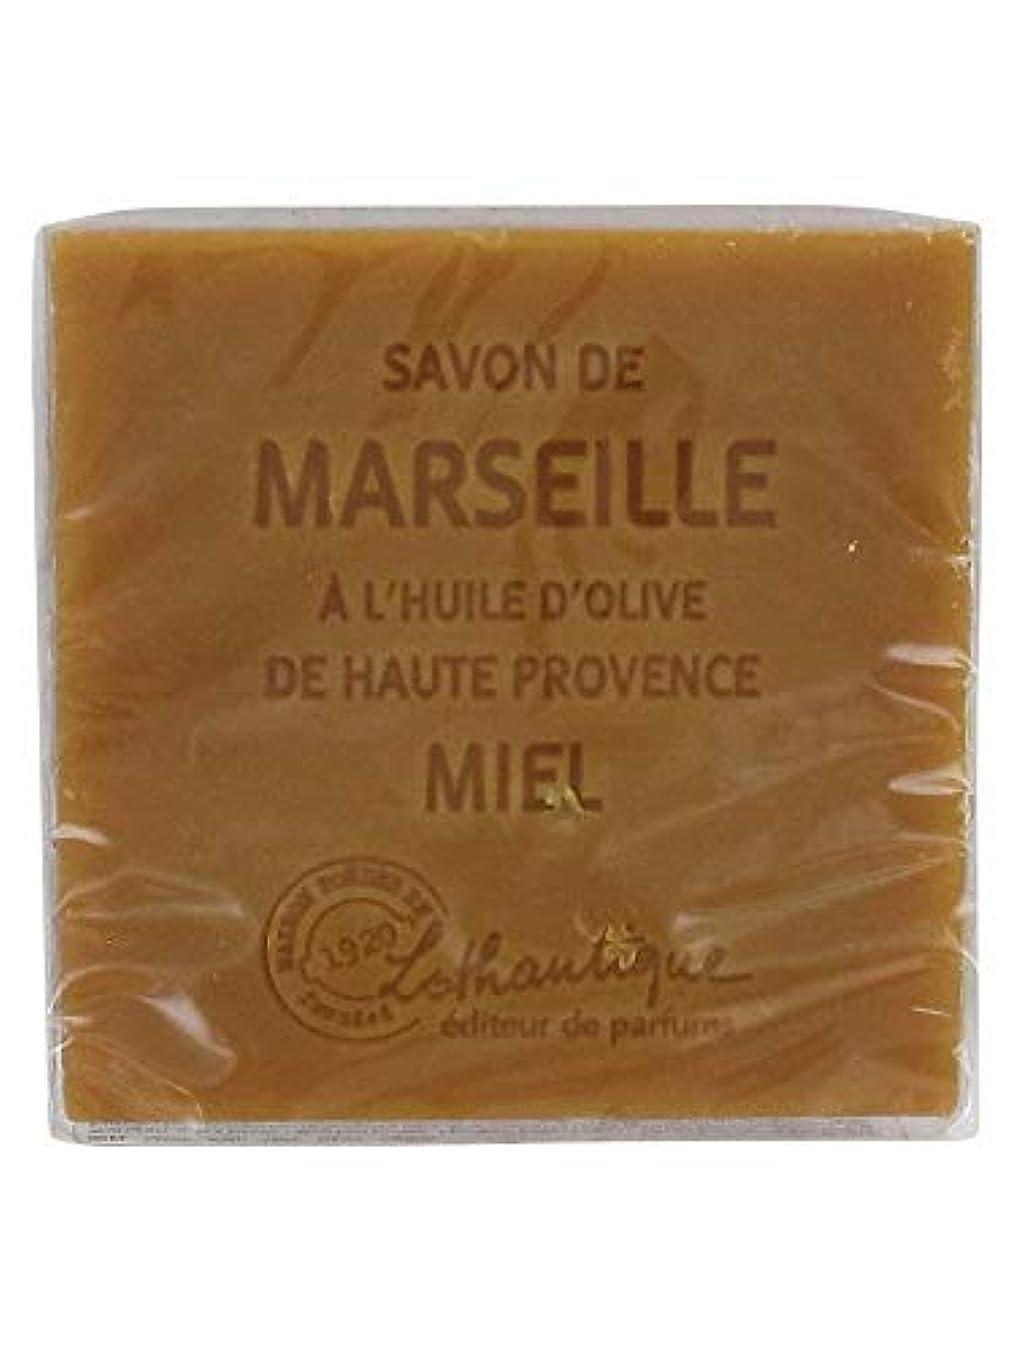 ボルト活性化するドルLothantique(ロタンティック) Les savons de Marseille(マルセイユソープ) マルセイユソープ 100g 「ハニー」 3420070038074